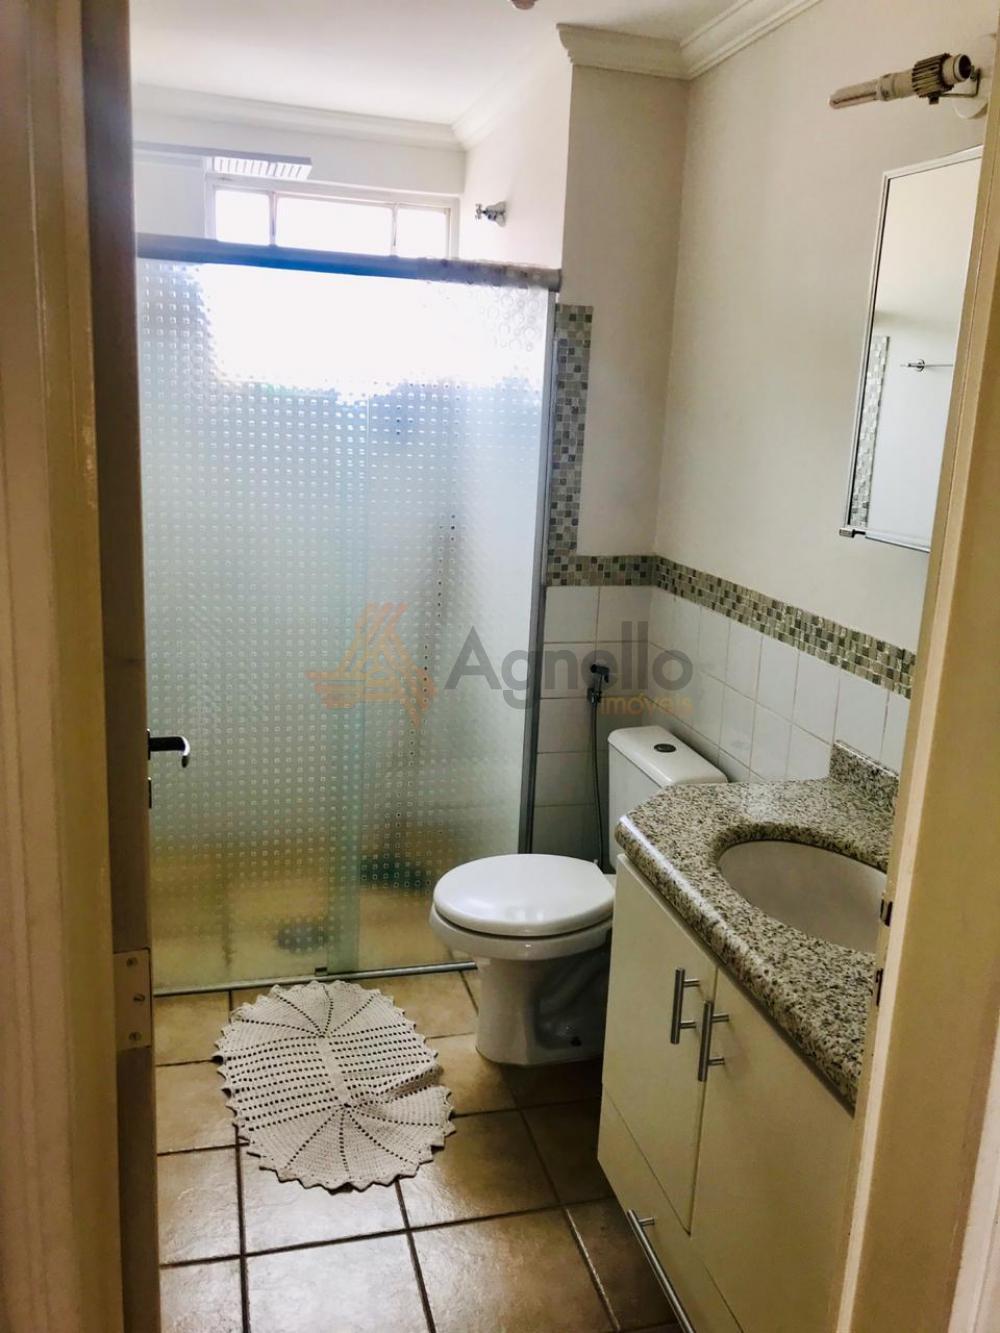 Comprar Apartamento / Padrão em Franca apenas R$ 210.000,00 - Foto 4